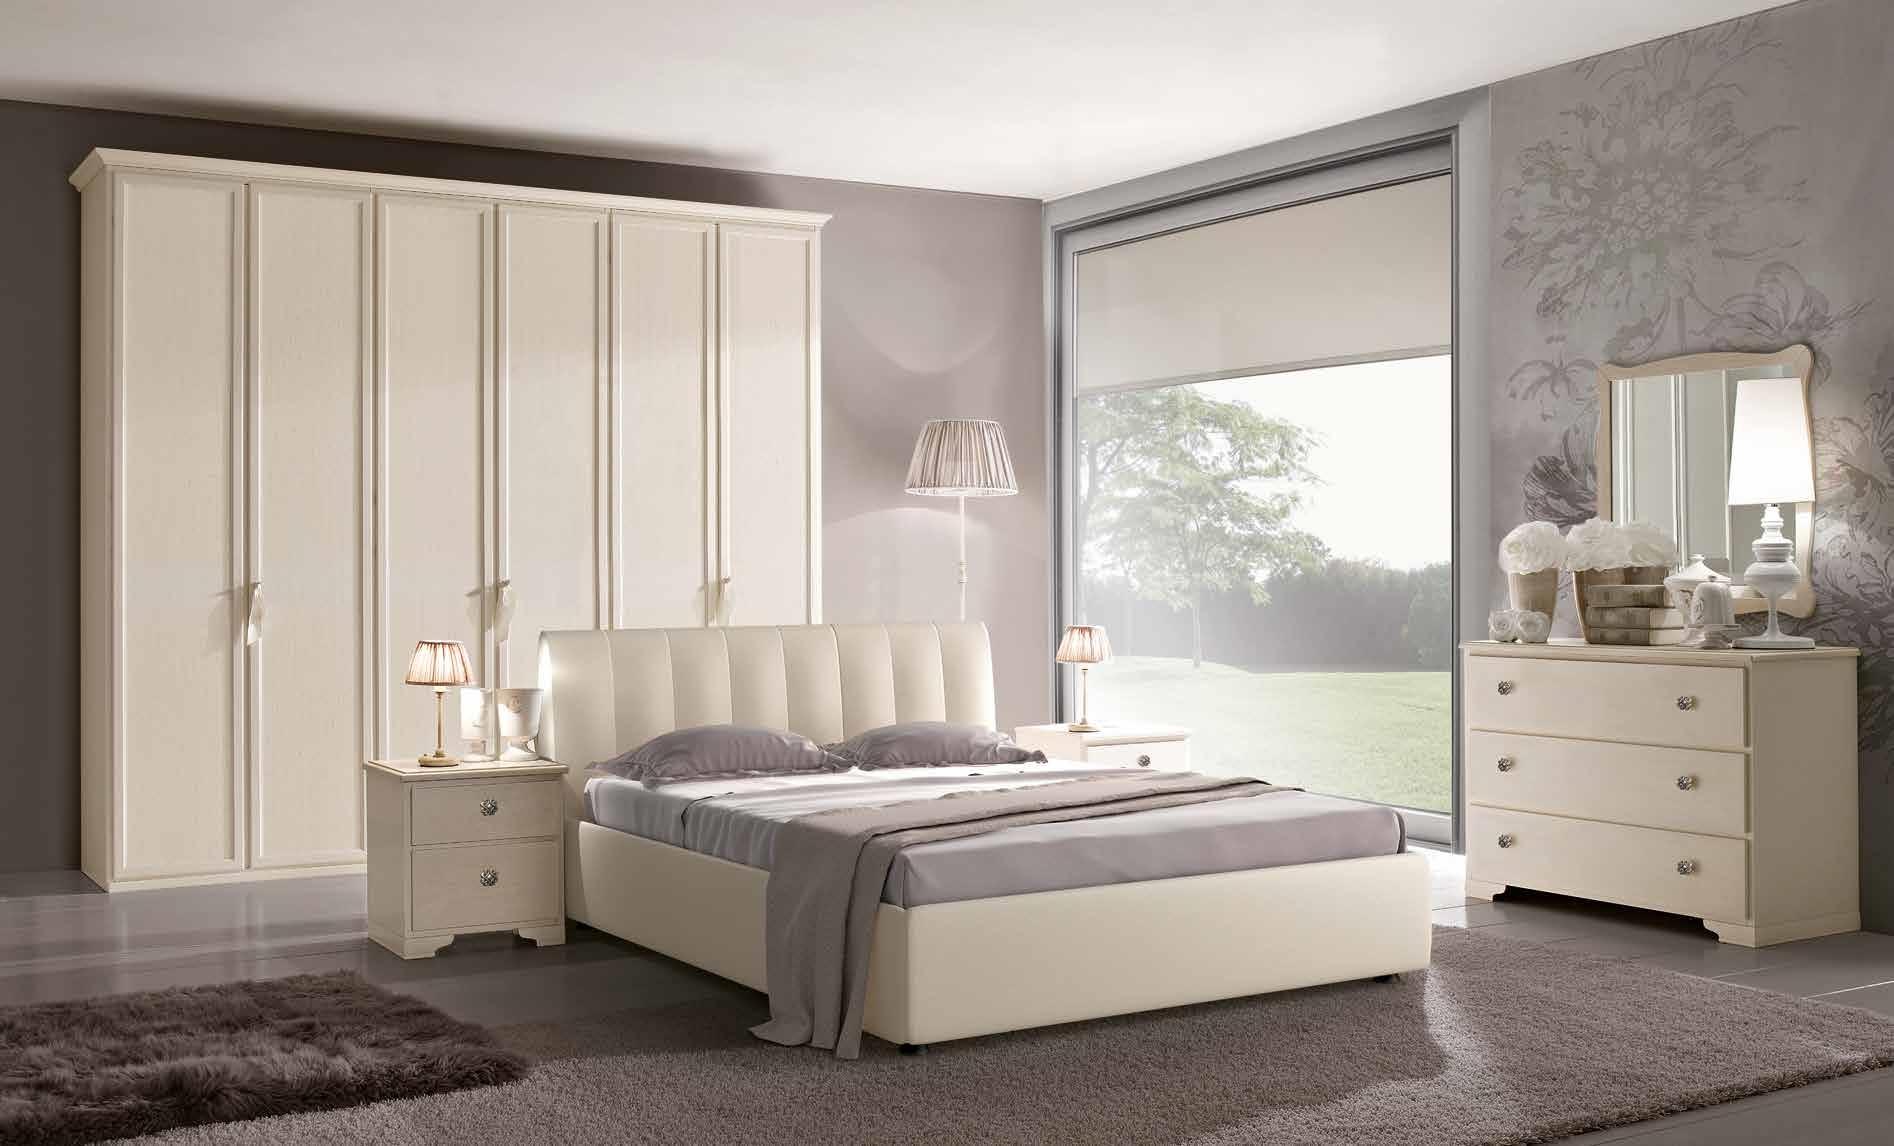 Camera matrimoniale in stile provenzale laccata bianca for Letto stile arti e mestieri